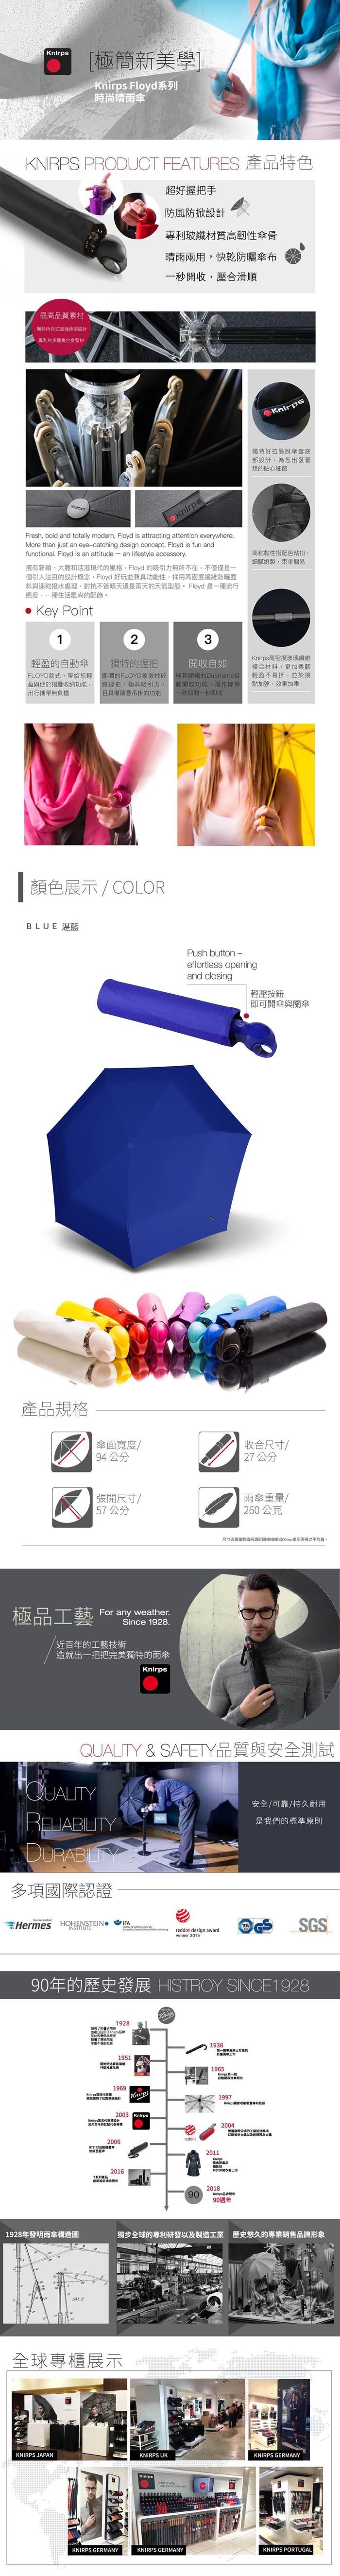 (複製)Knirps德國紅點傘 Floyd超輕三折自動傘 -Pink